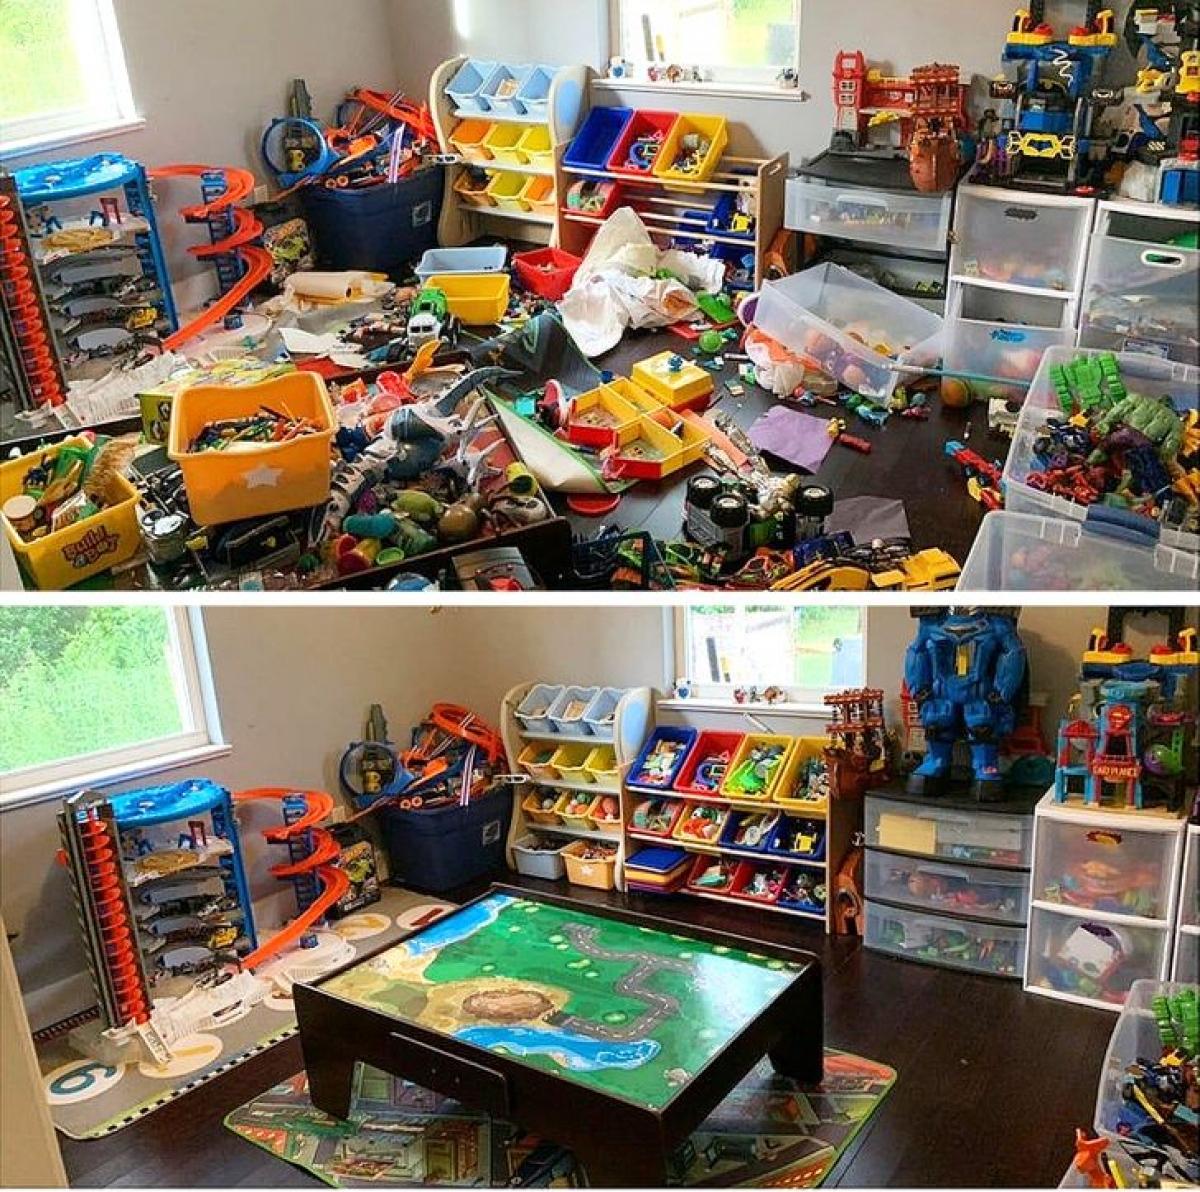 Quá nhiều bộ đồ chơi nhưng giờ thì đâu đã vào đó.